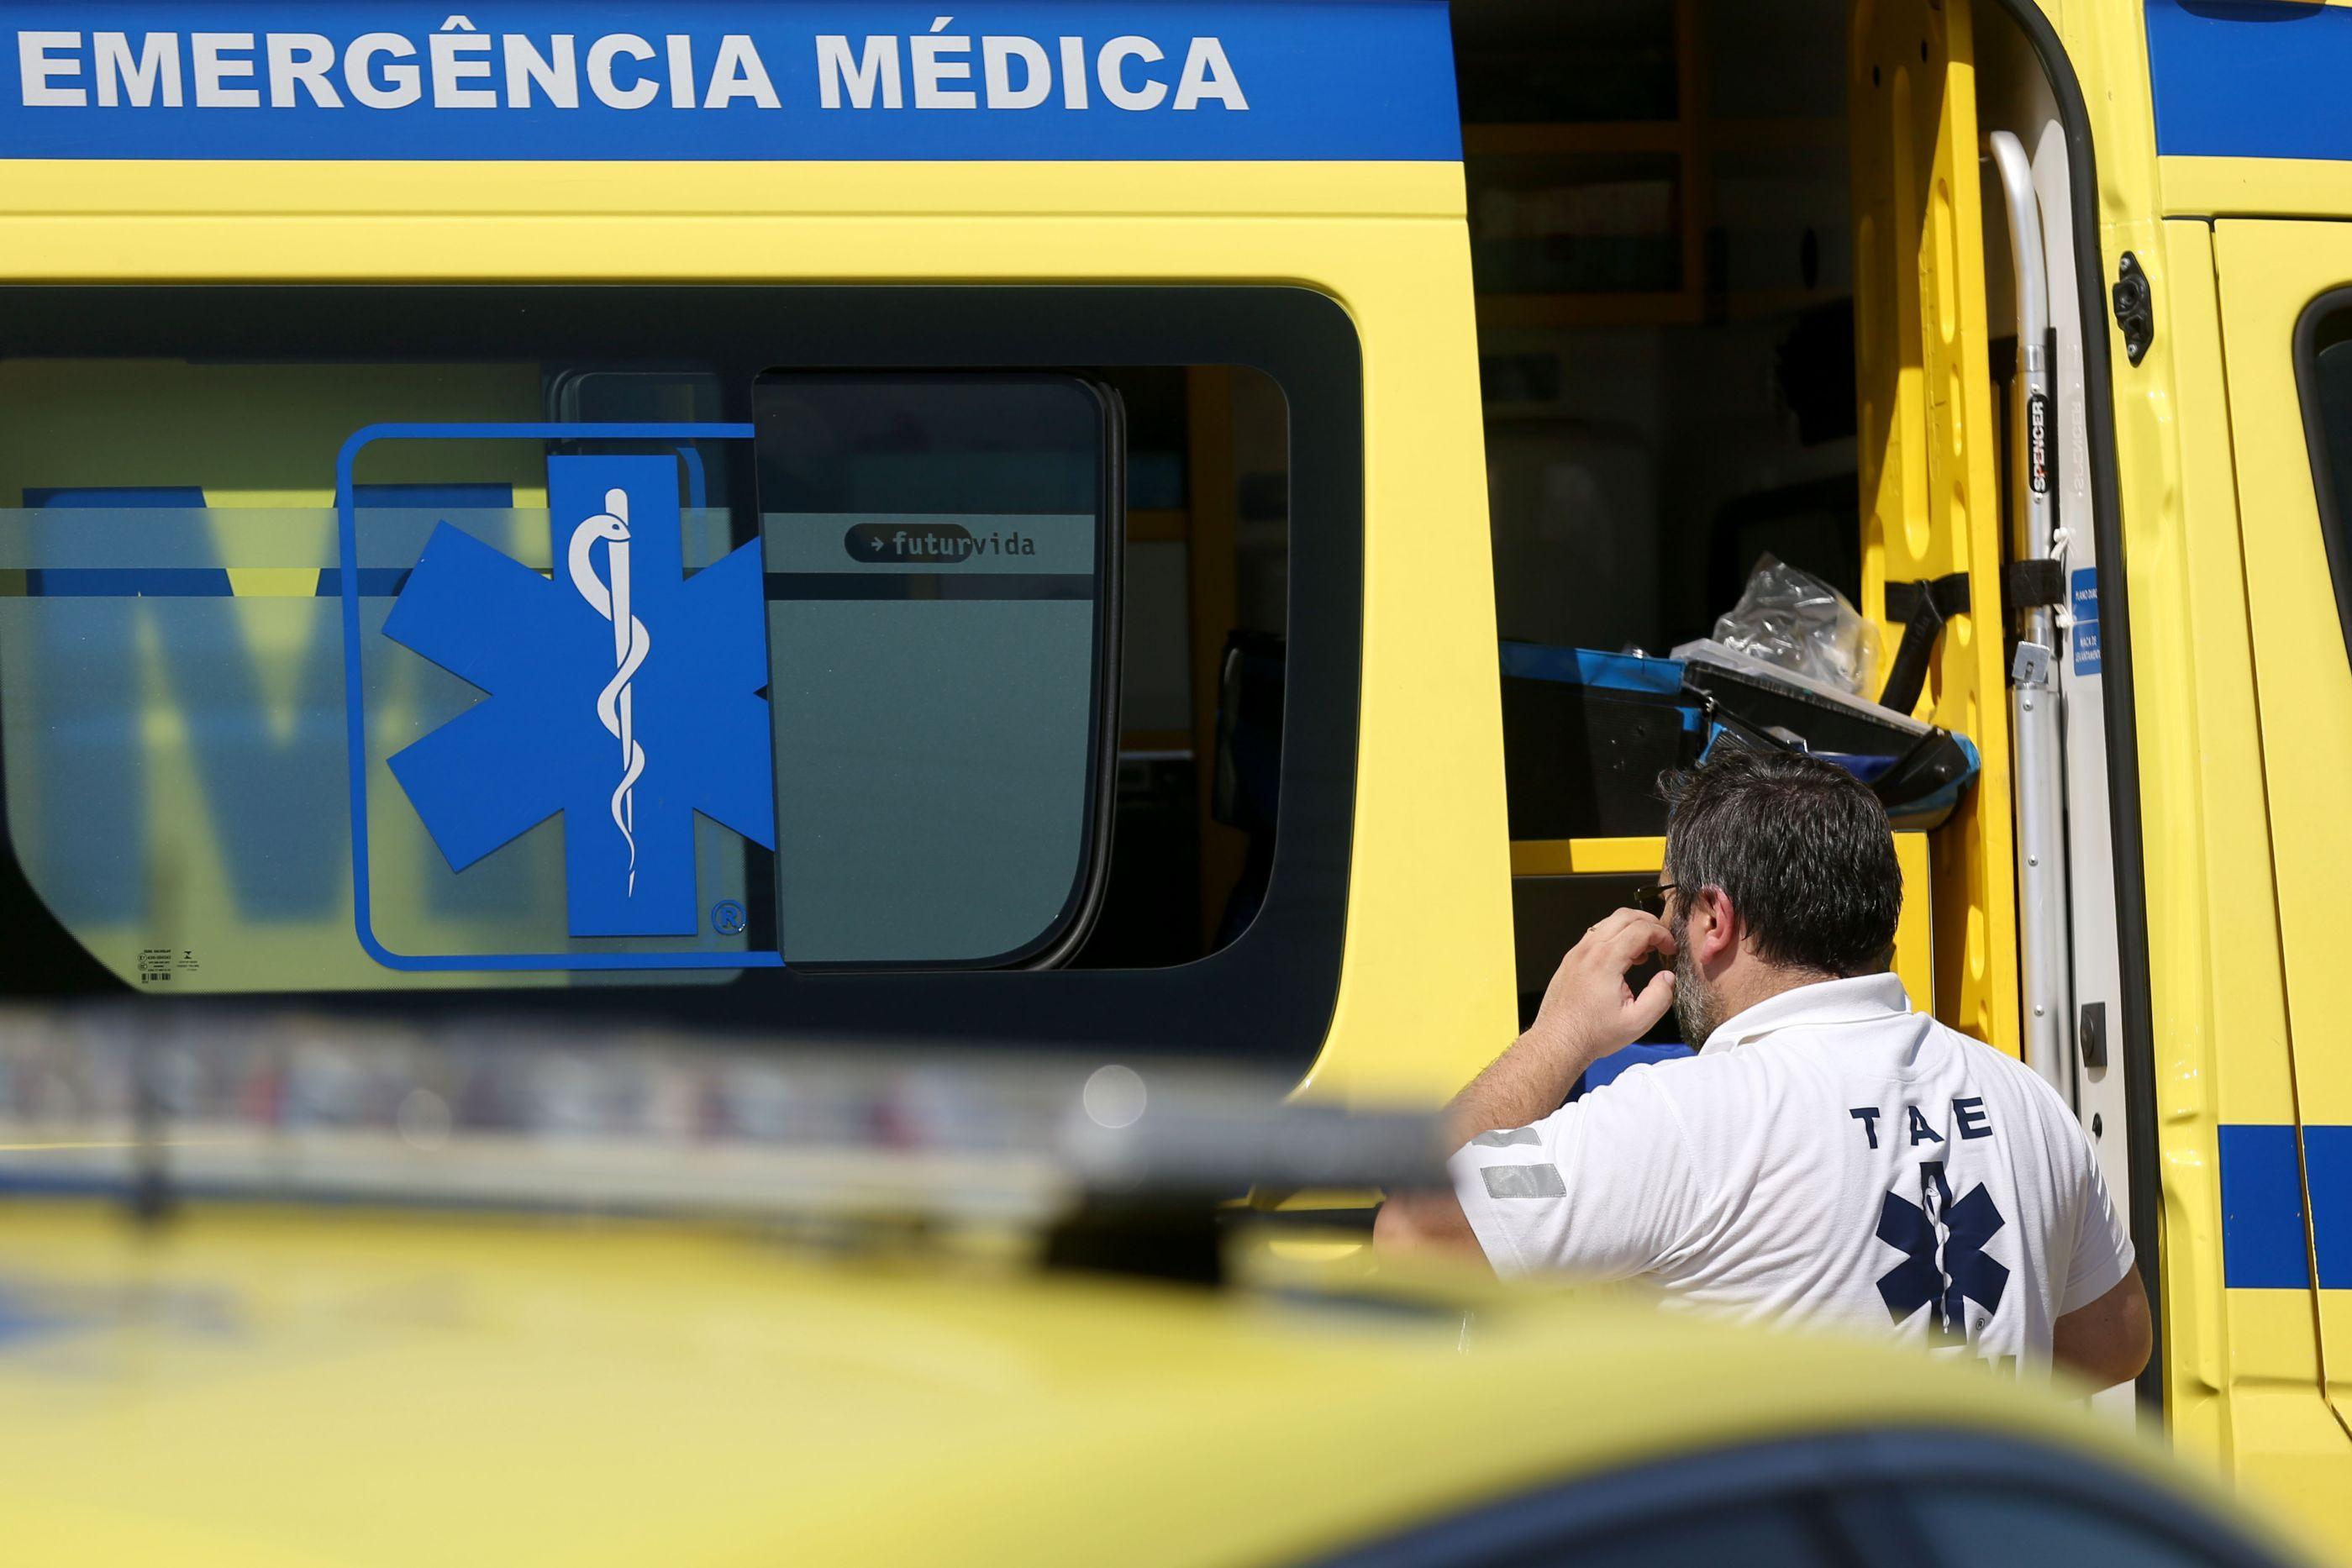 Queda de grua em Penafiel provocou ferimentos graves em trabalhadores